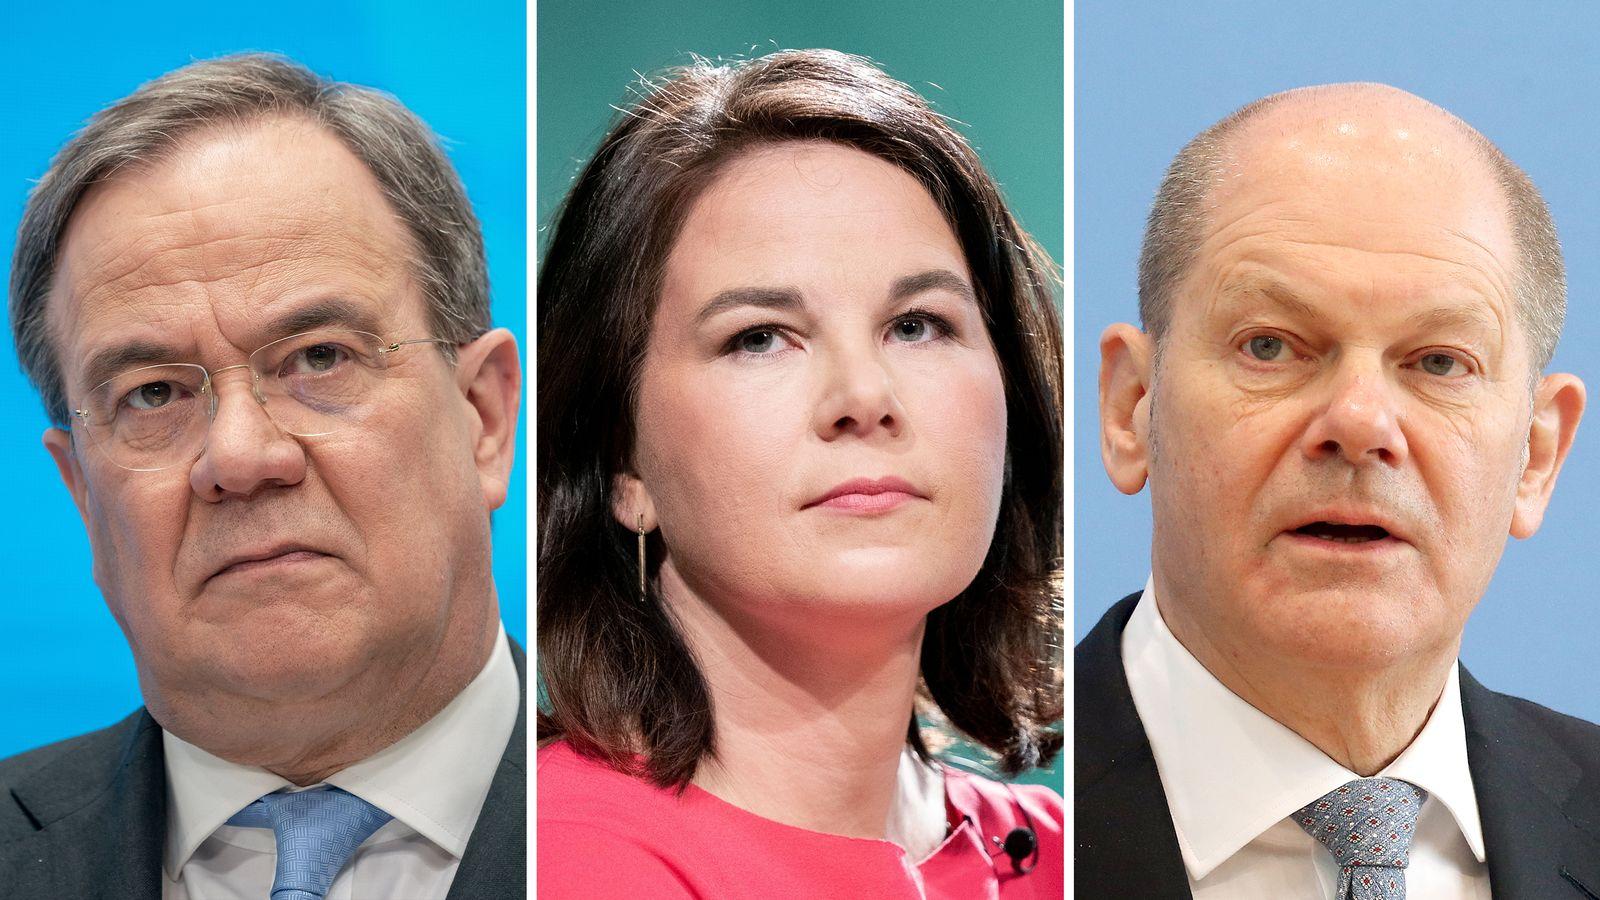 Kanzlerkandidaten/innen LAschet / Baerbock / Scholz